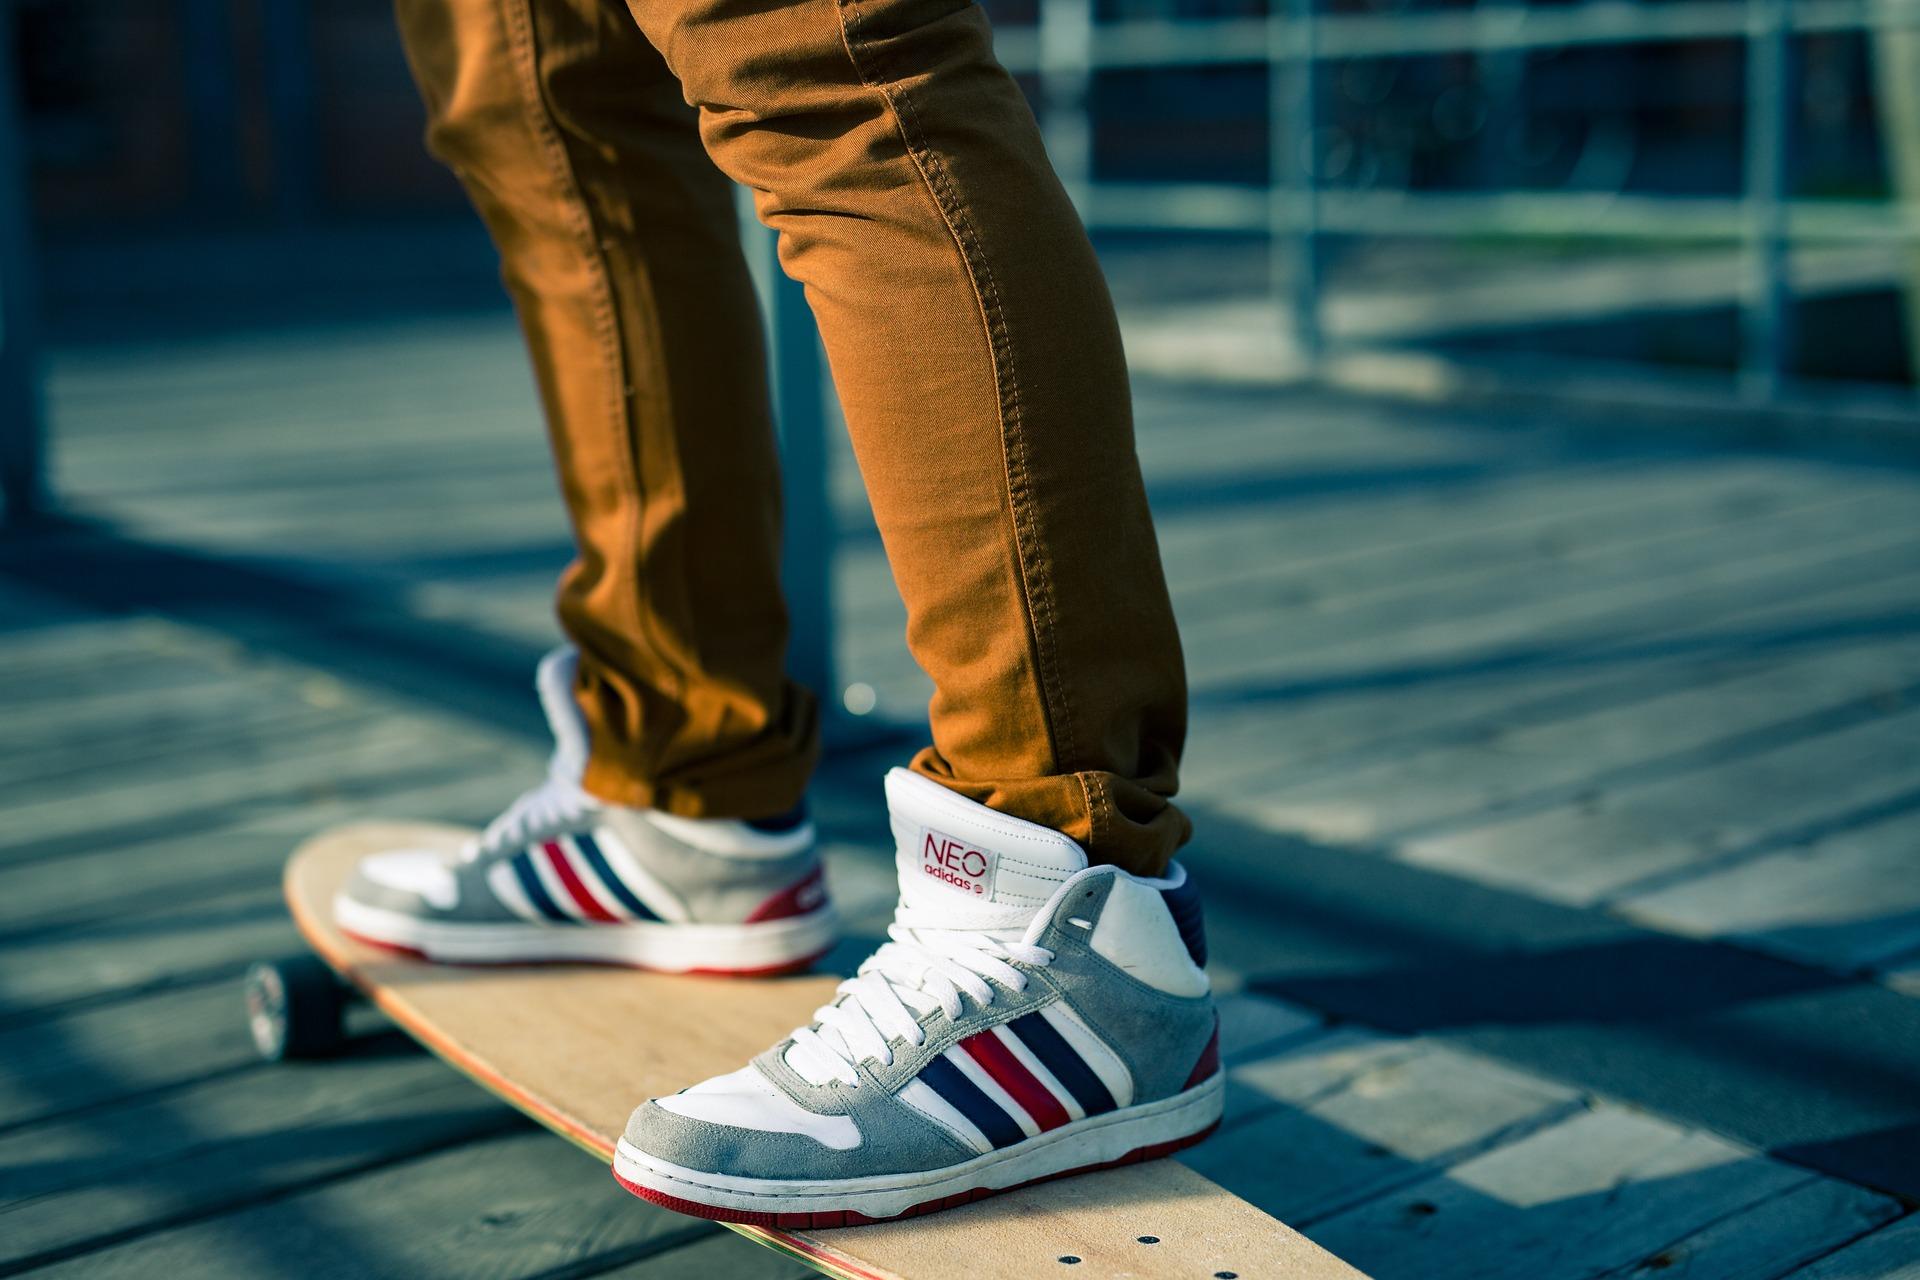 BalanceSkateboard